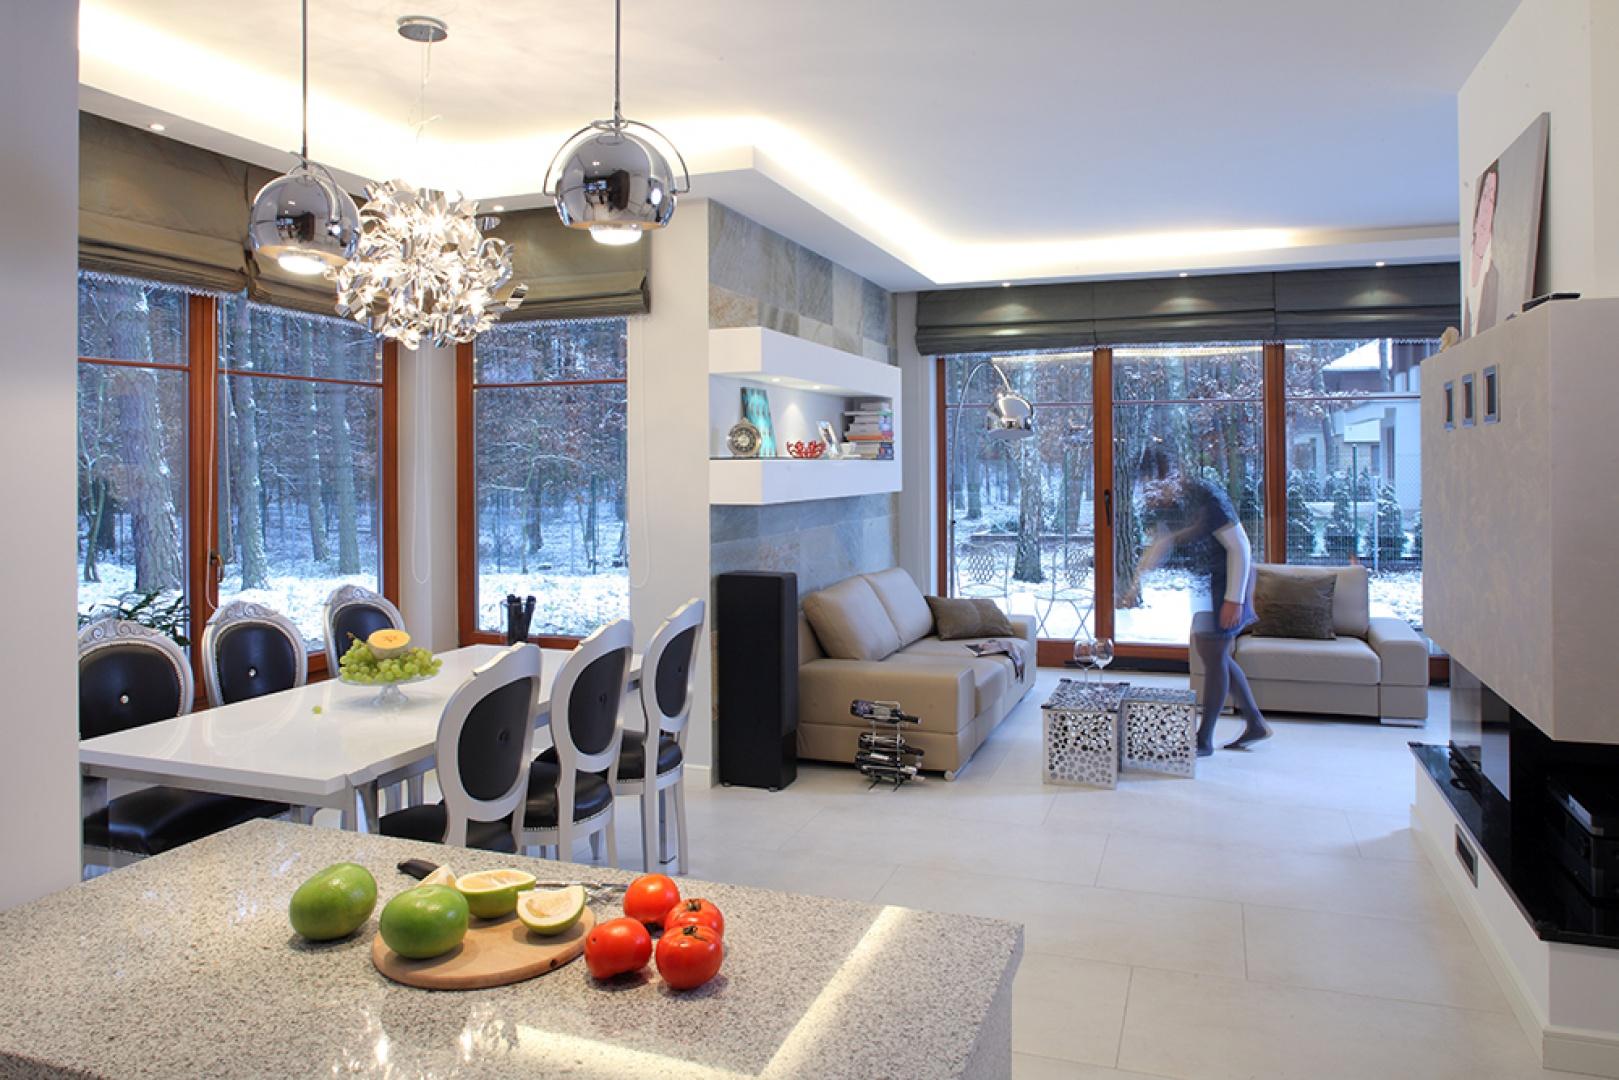 Duże przeszklenia otwierają panoramiczny widok na otaczający las. Kominek w centrum otwartej przestrzeni dzieli salon na dwie części: jadalnianą i wypoczynkową. Jego prostą formę podkreśla czarne granitowe wykończenie w poziomie paleniska. Fot. Bartosz Jarosz.